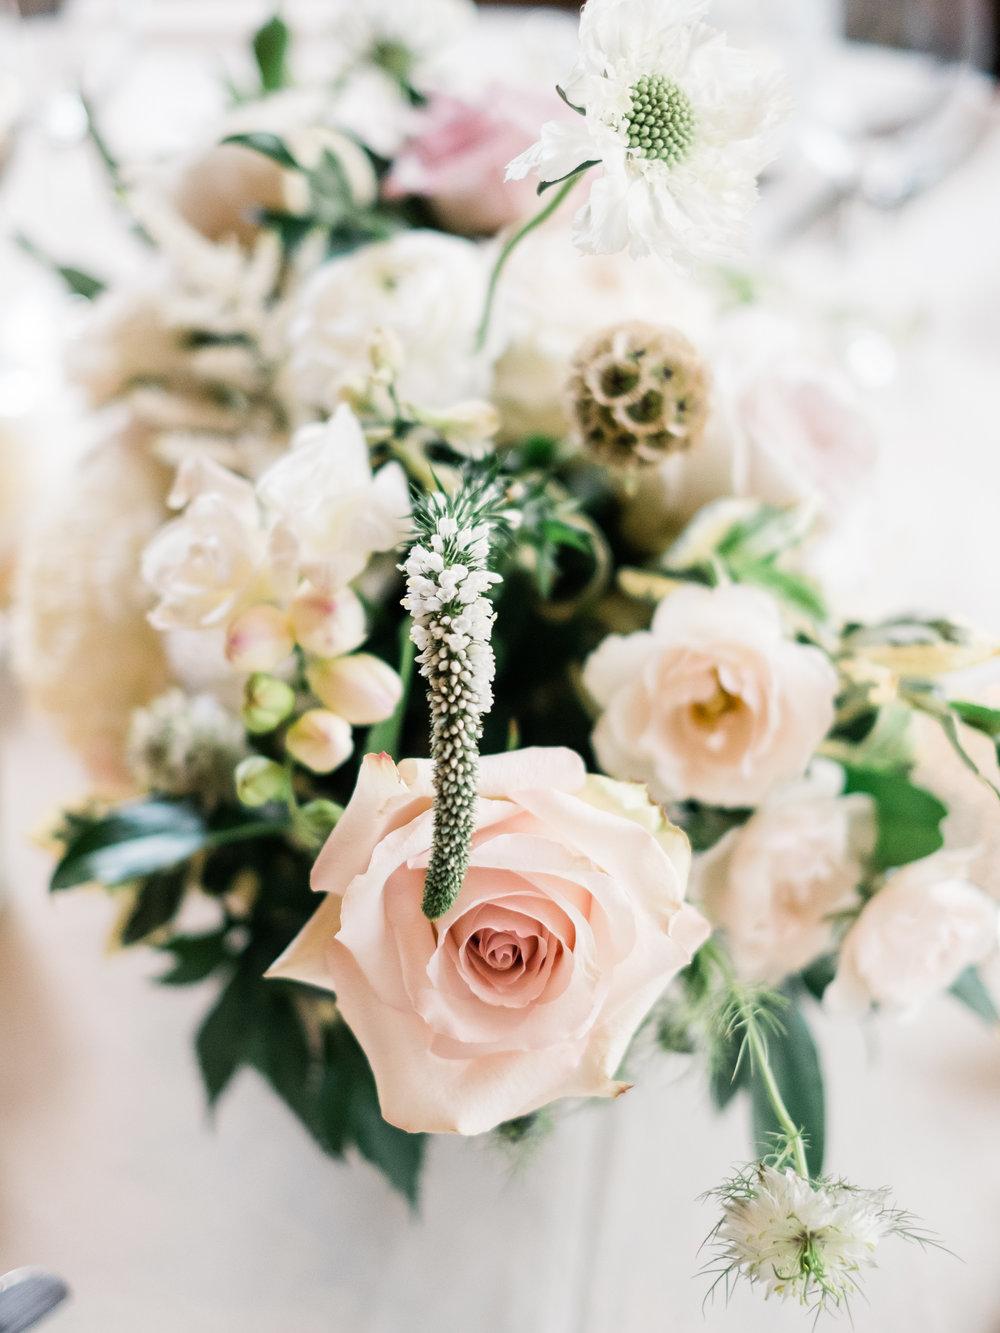 Tara_Bielecki_Photography_Brooke_Bryan_Wedding_417.jpg